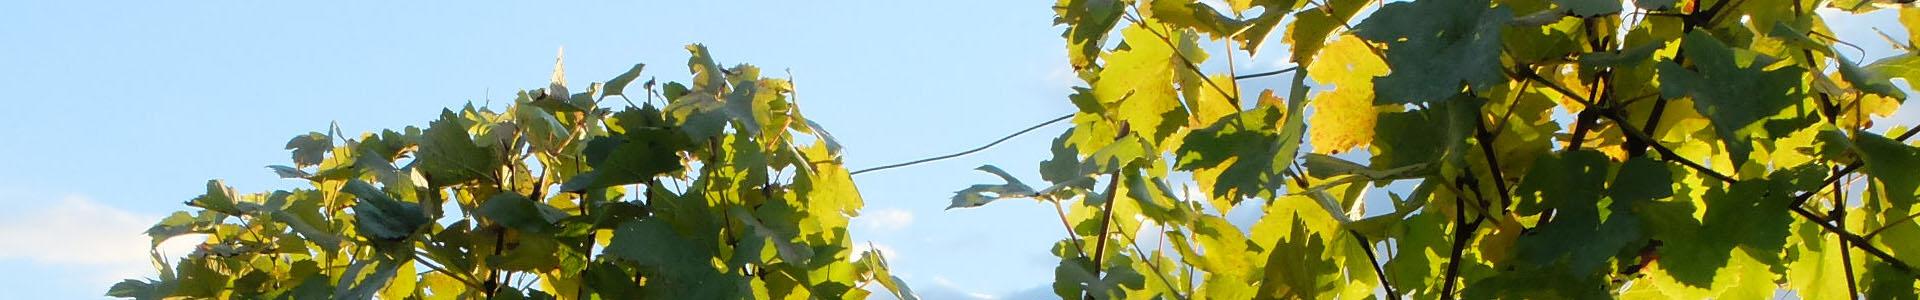 Weinbauverein Suttenberg